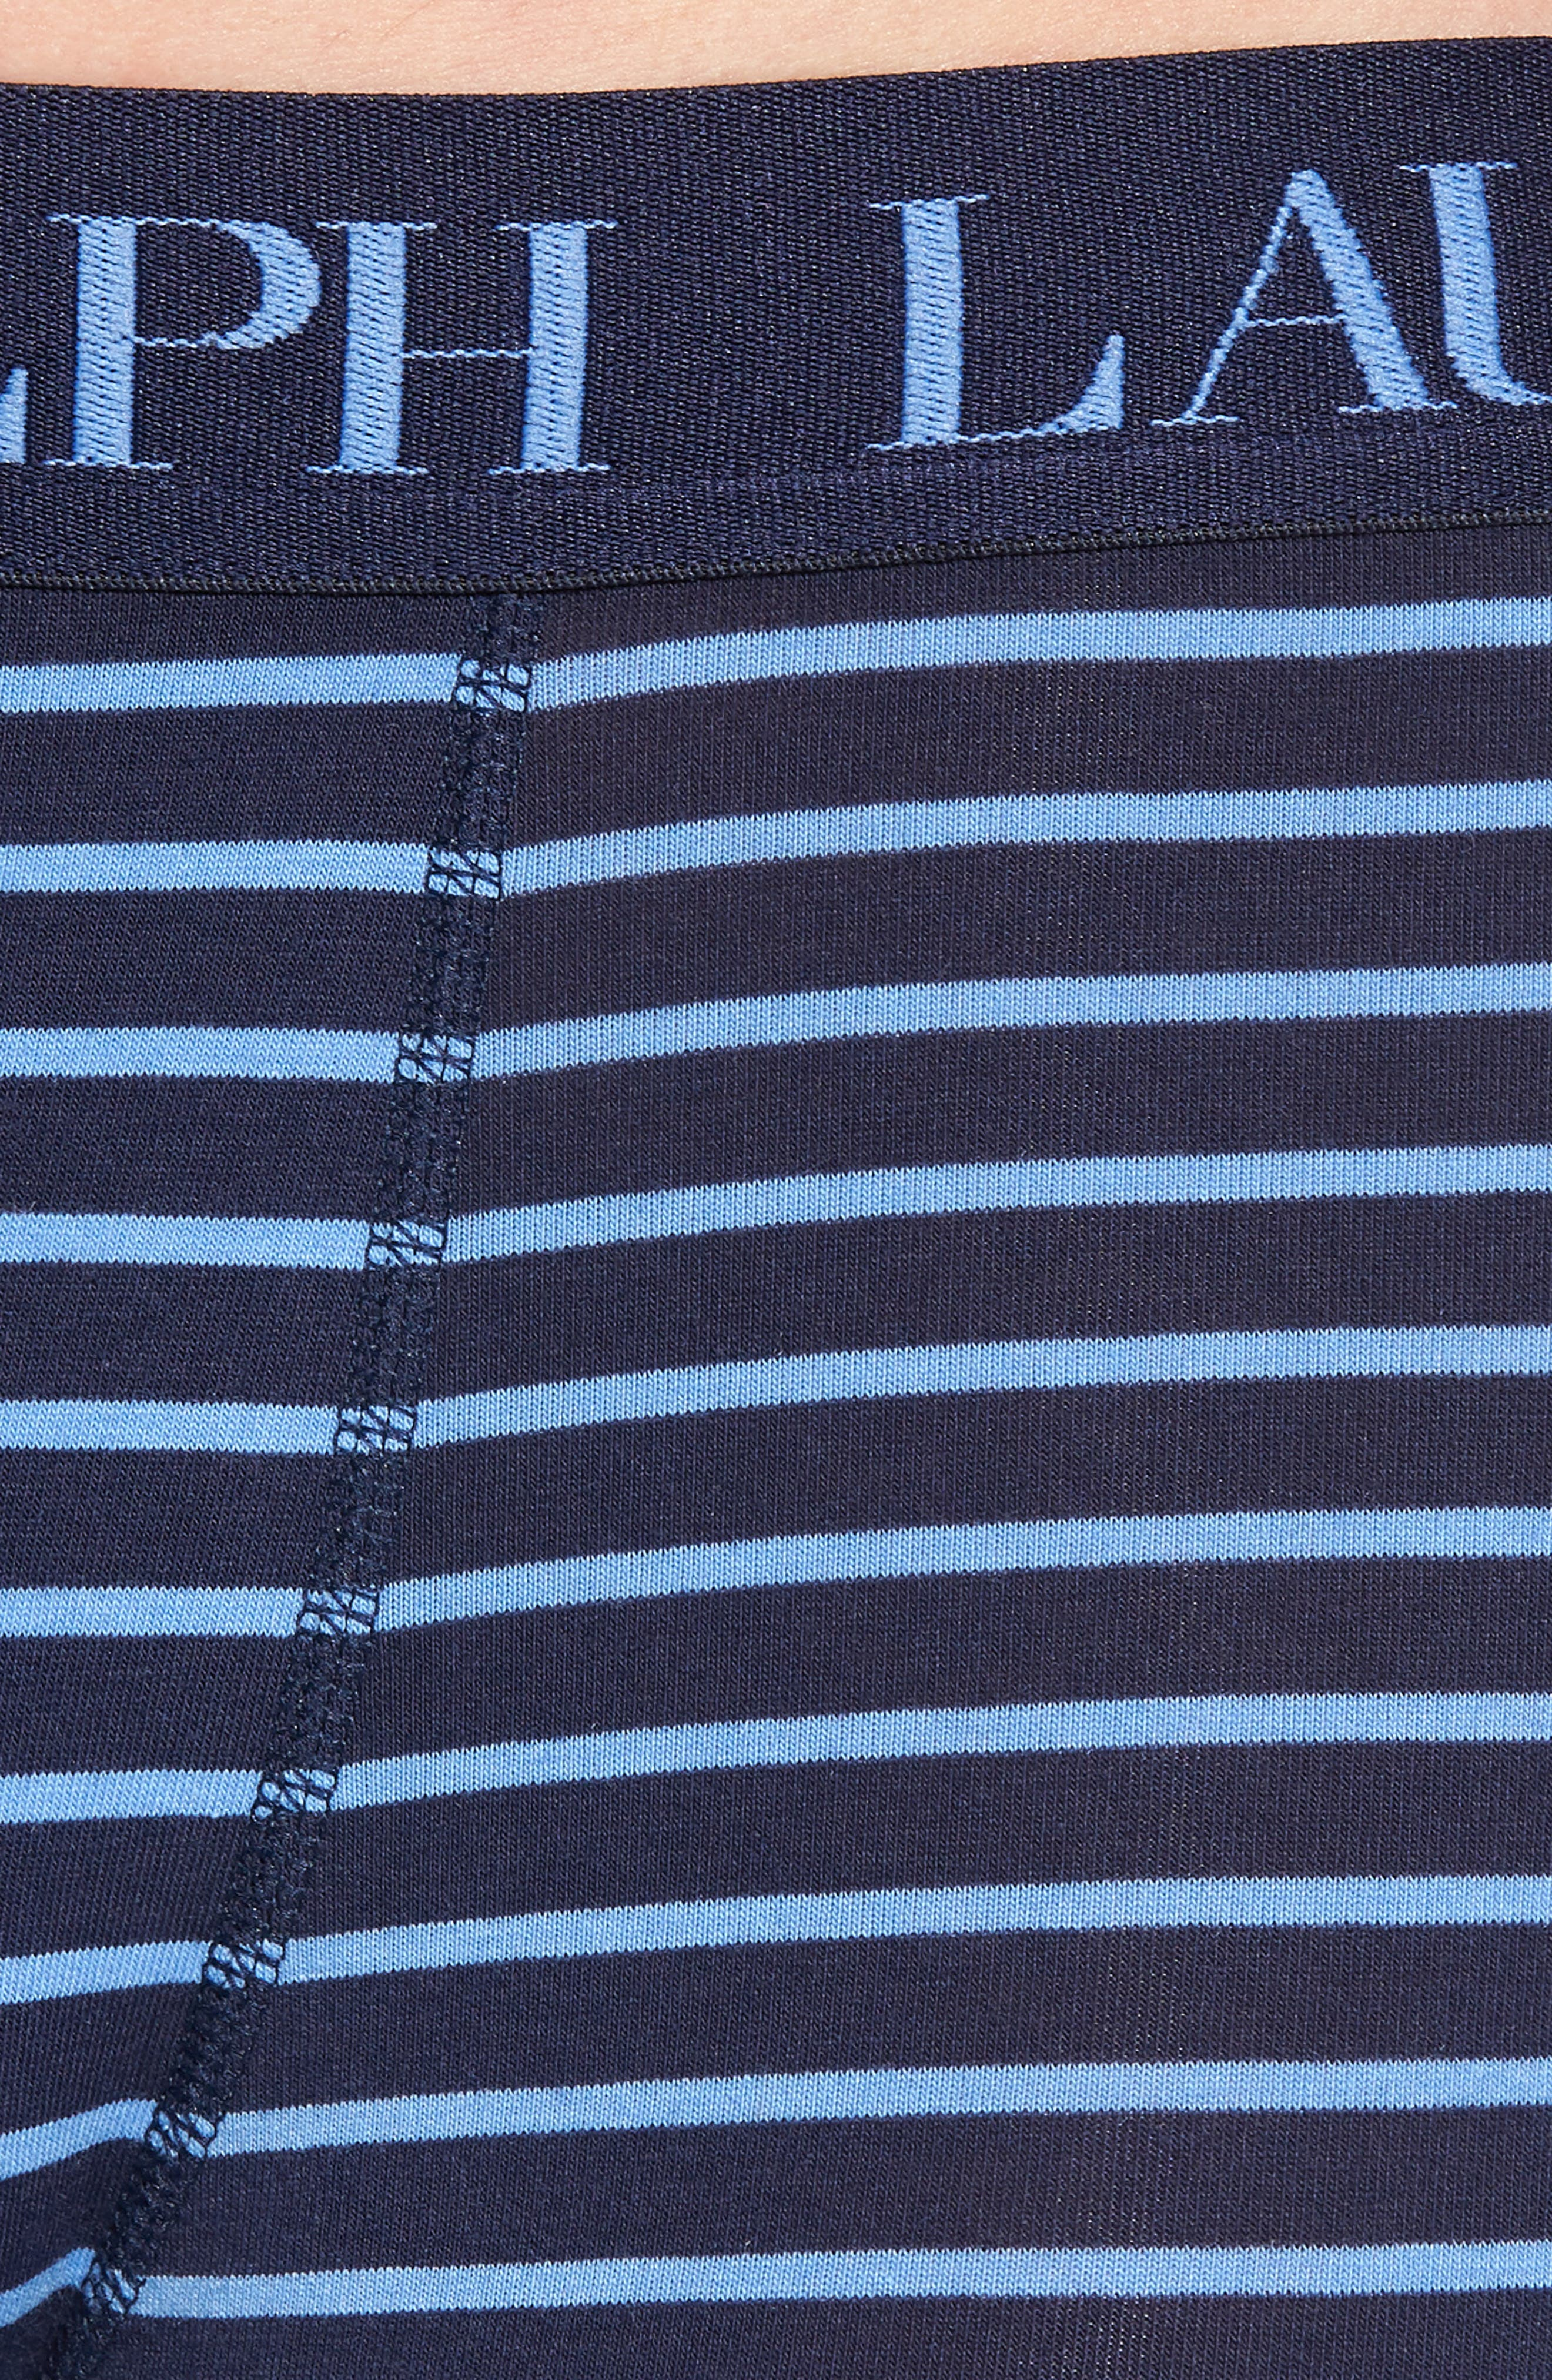 2-Pack Comfort Cotton Boxer Briefs,                             Alternate thumbnail 5, color,                             410